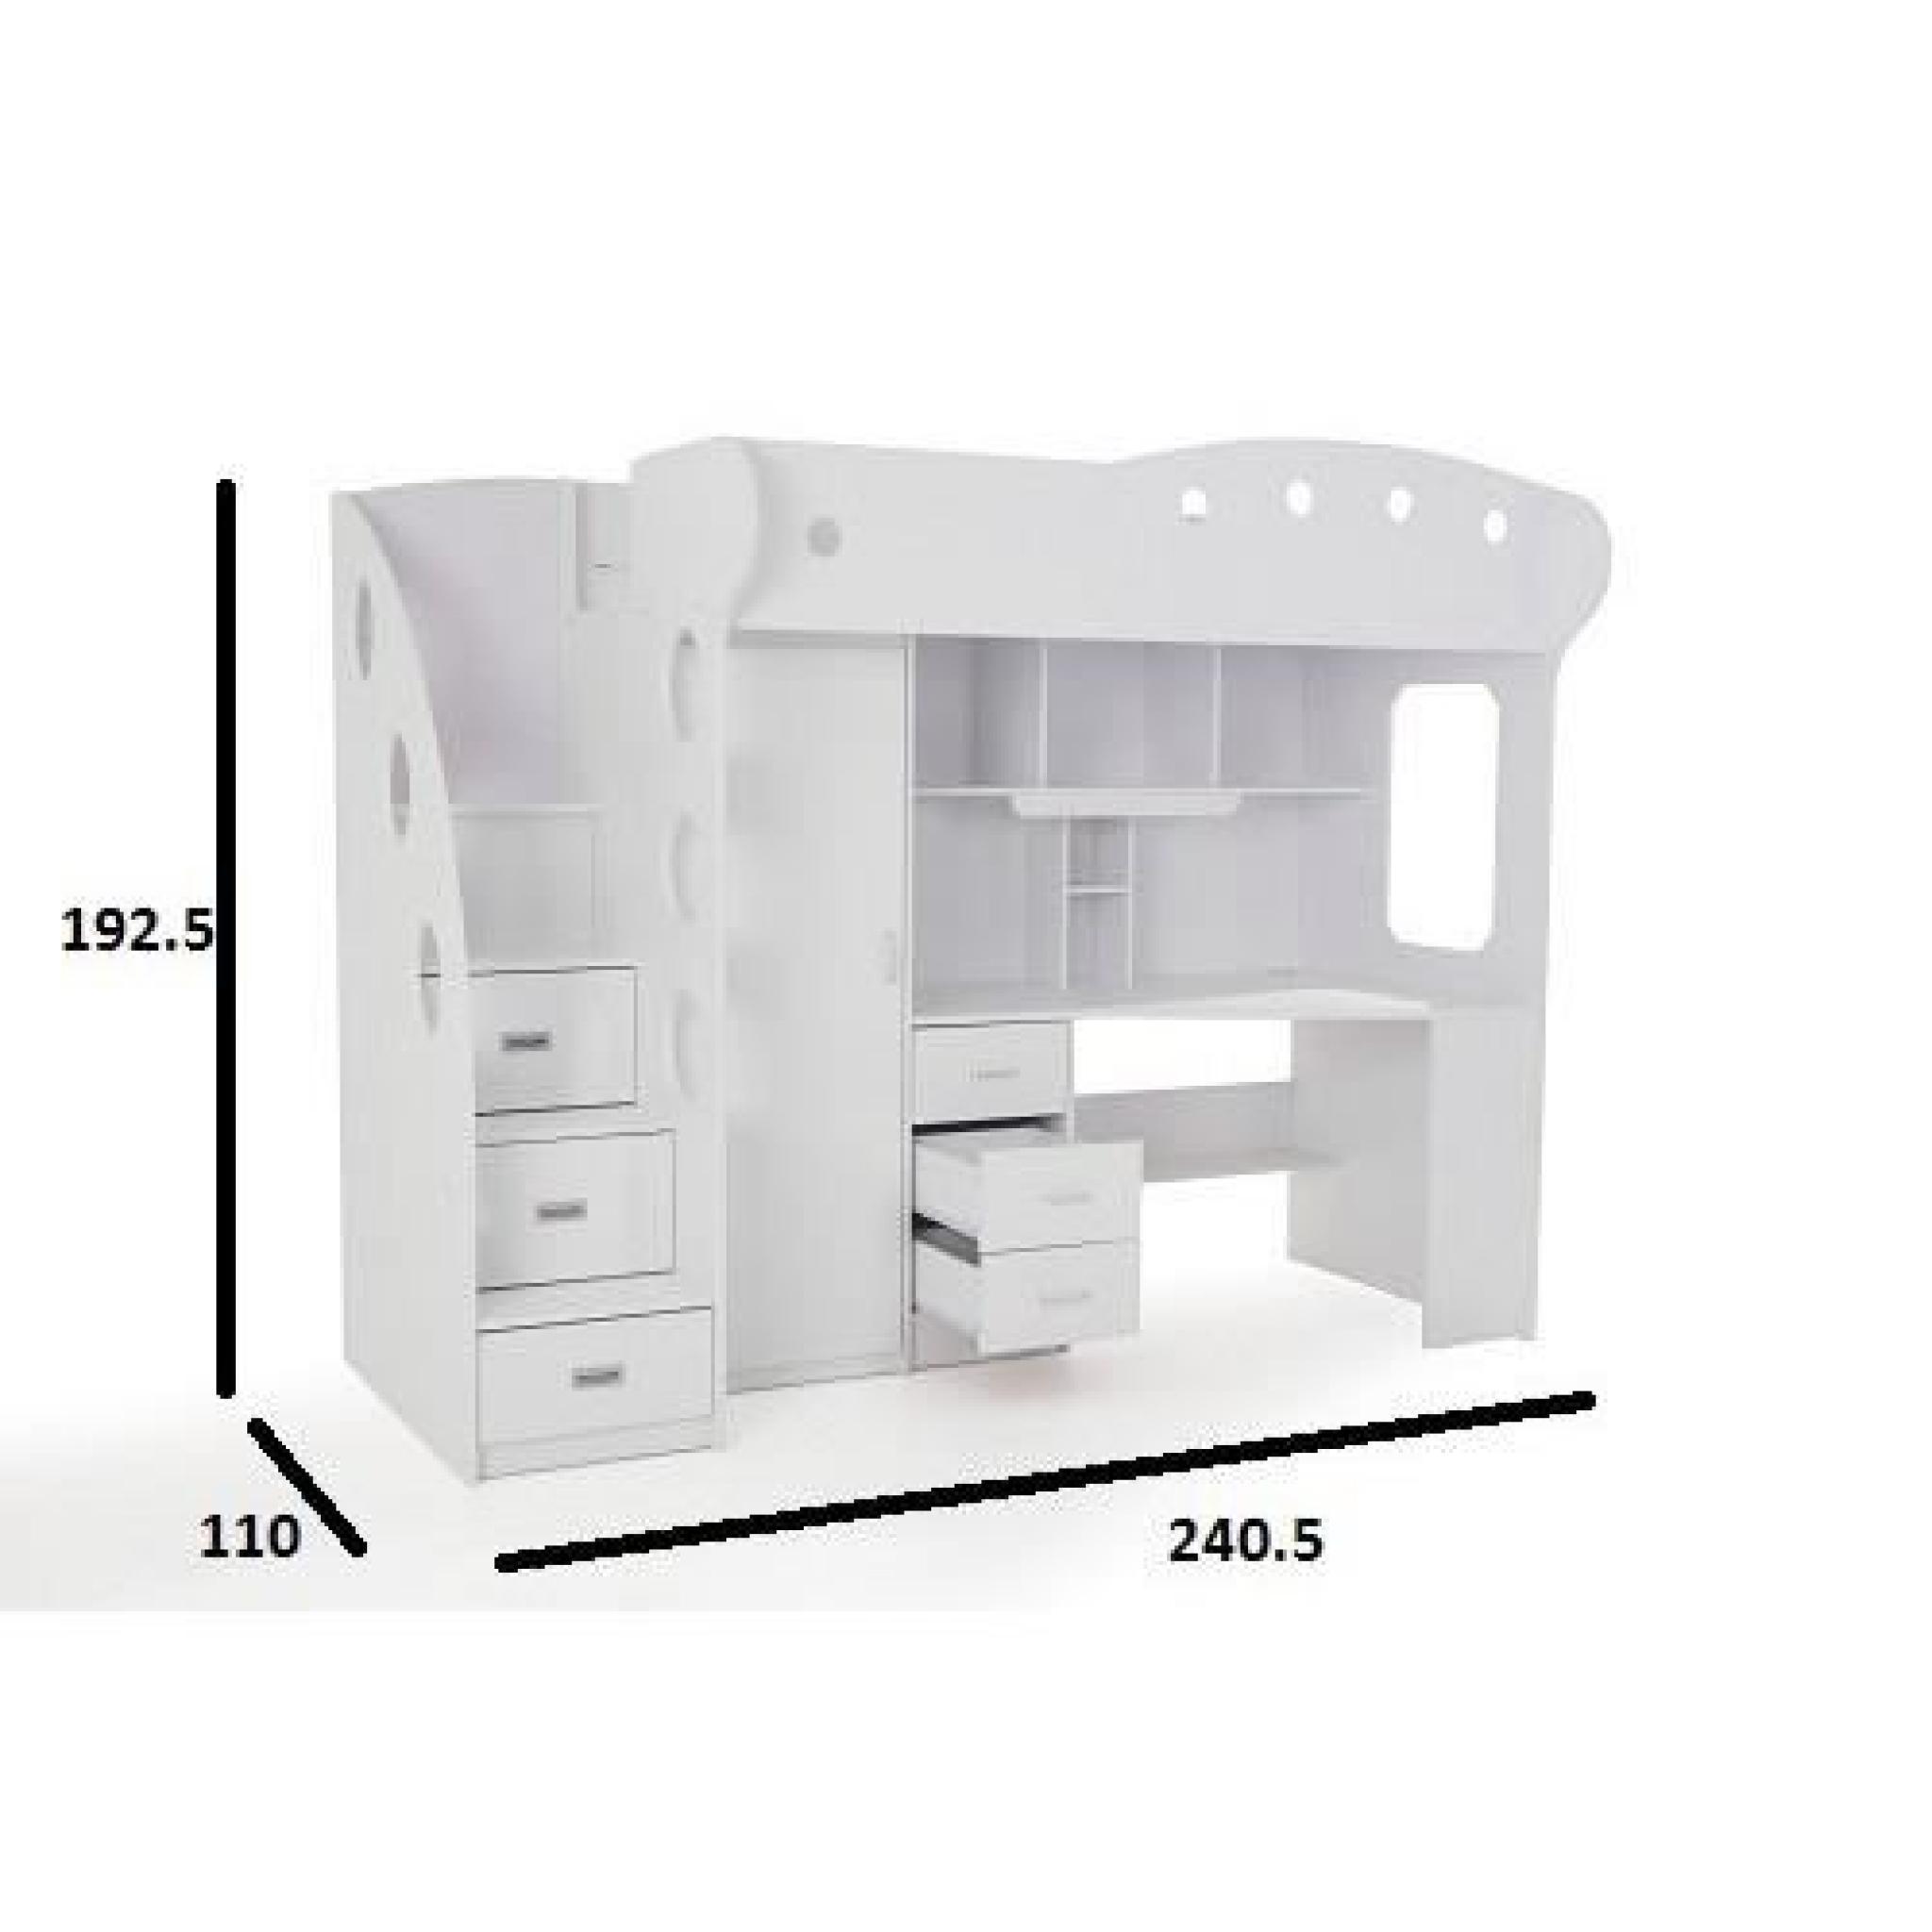 lit mezzanine combi combin bureau penderie blanche et grise achat vente lit mezzanine pas. Black Bedroom Furniture Sets. Home Design Ideas